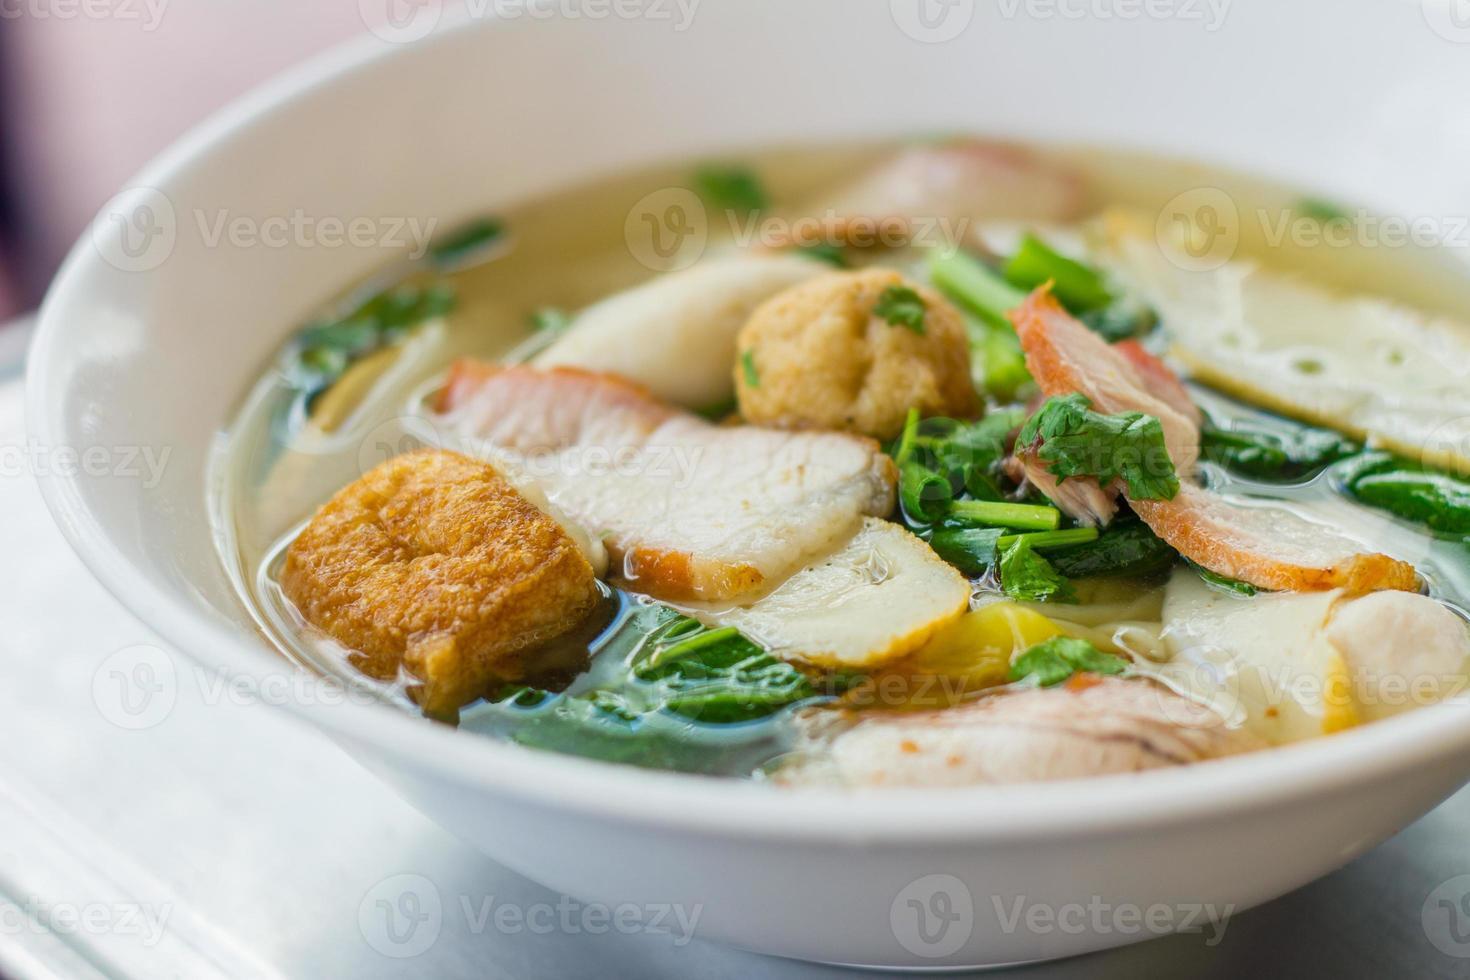 nudel för traditionell gourmet dumpling bild foto